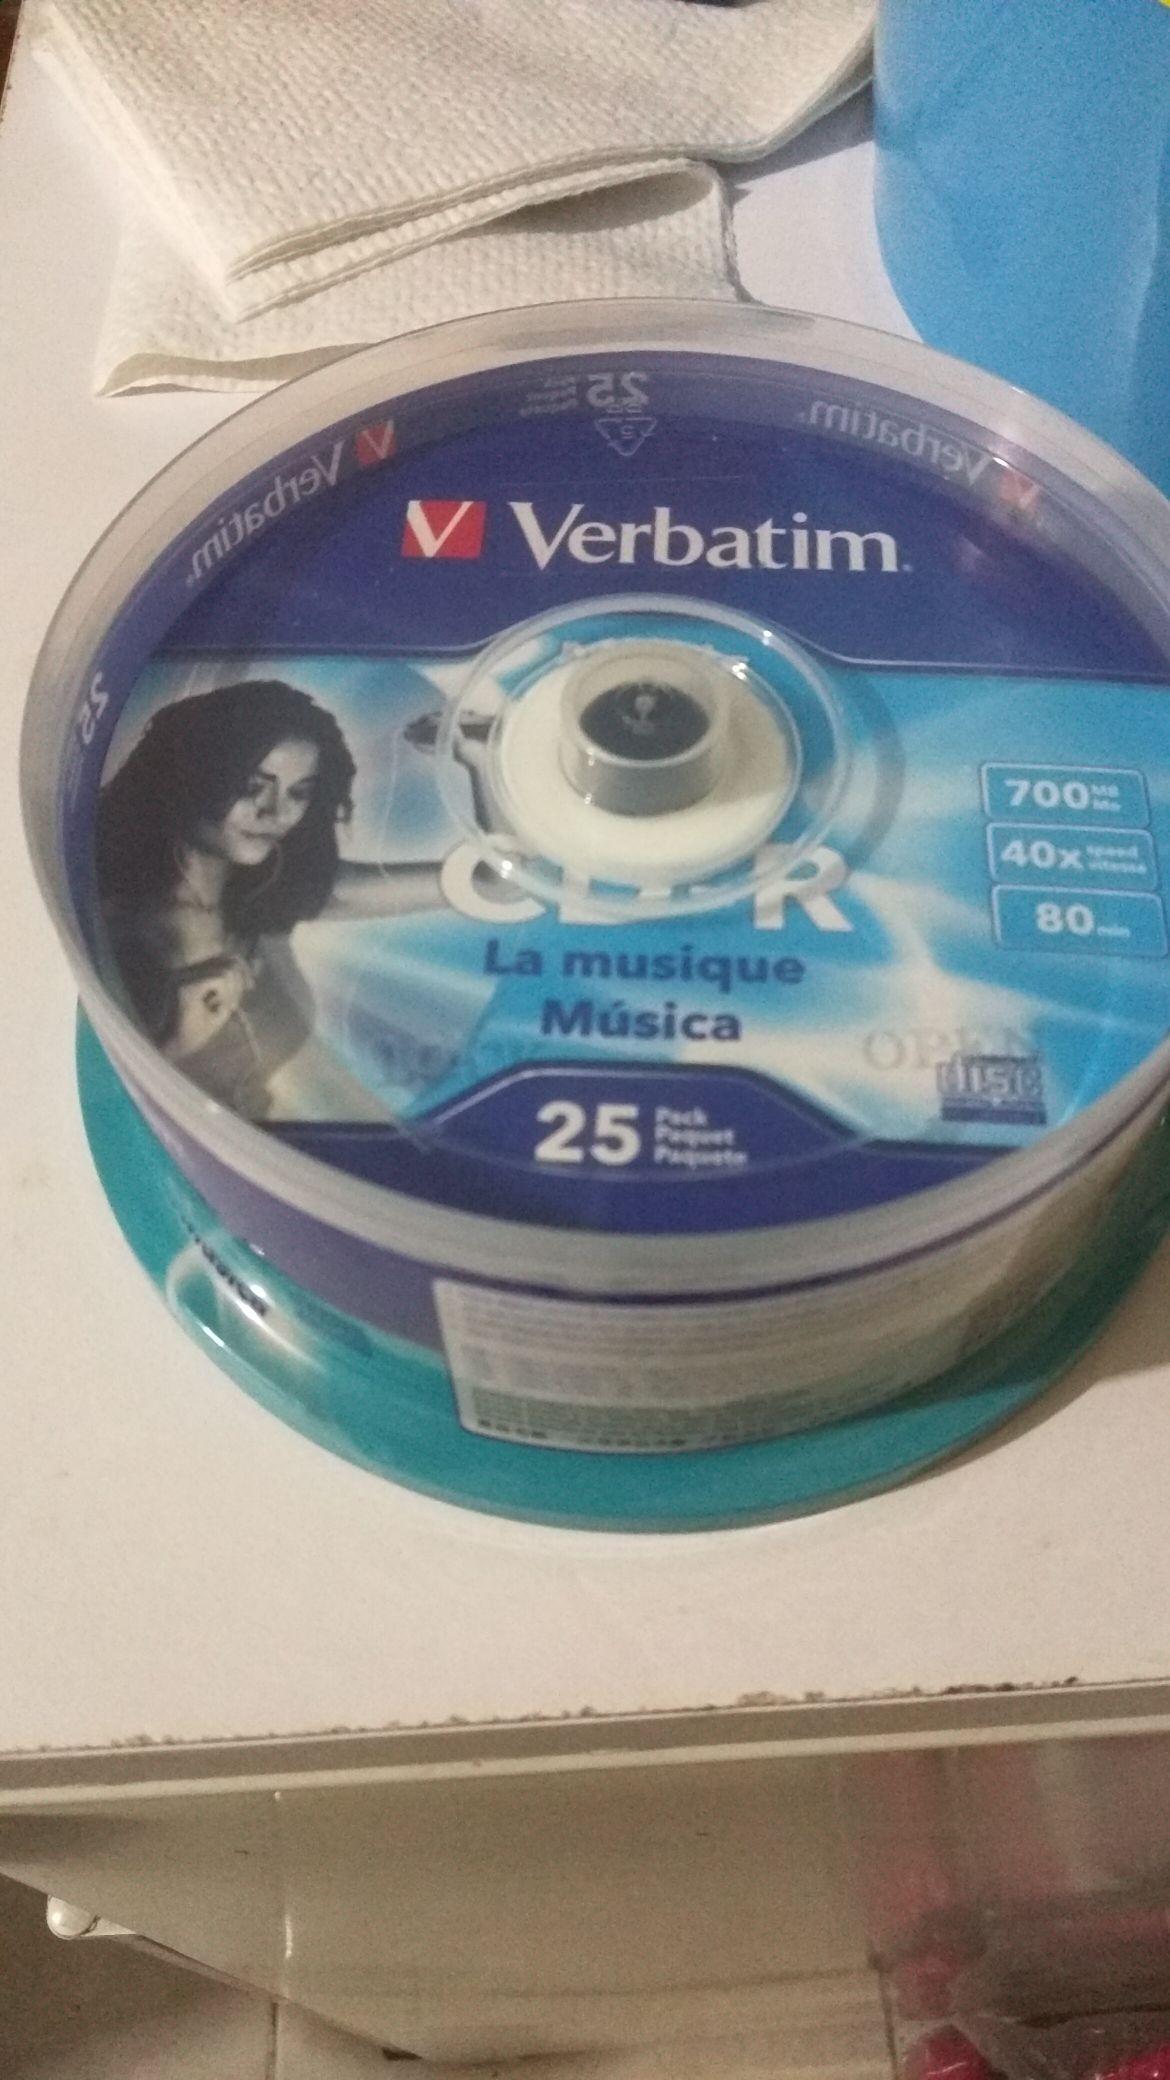 Bodega Aurrera, Paquete de 25 CD virgen VERBATIM